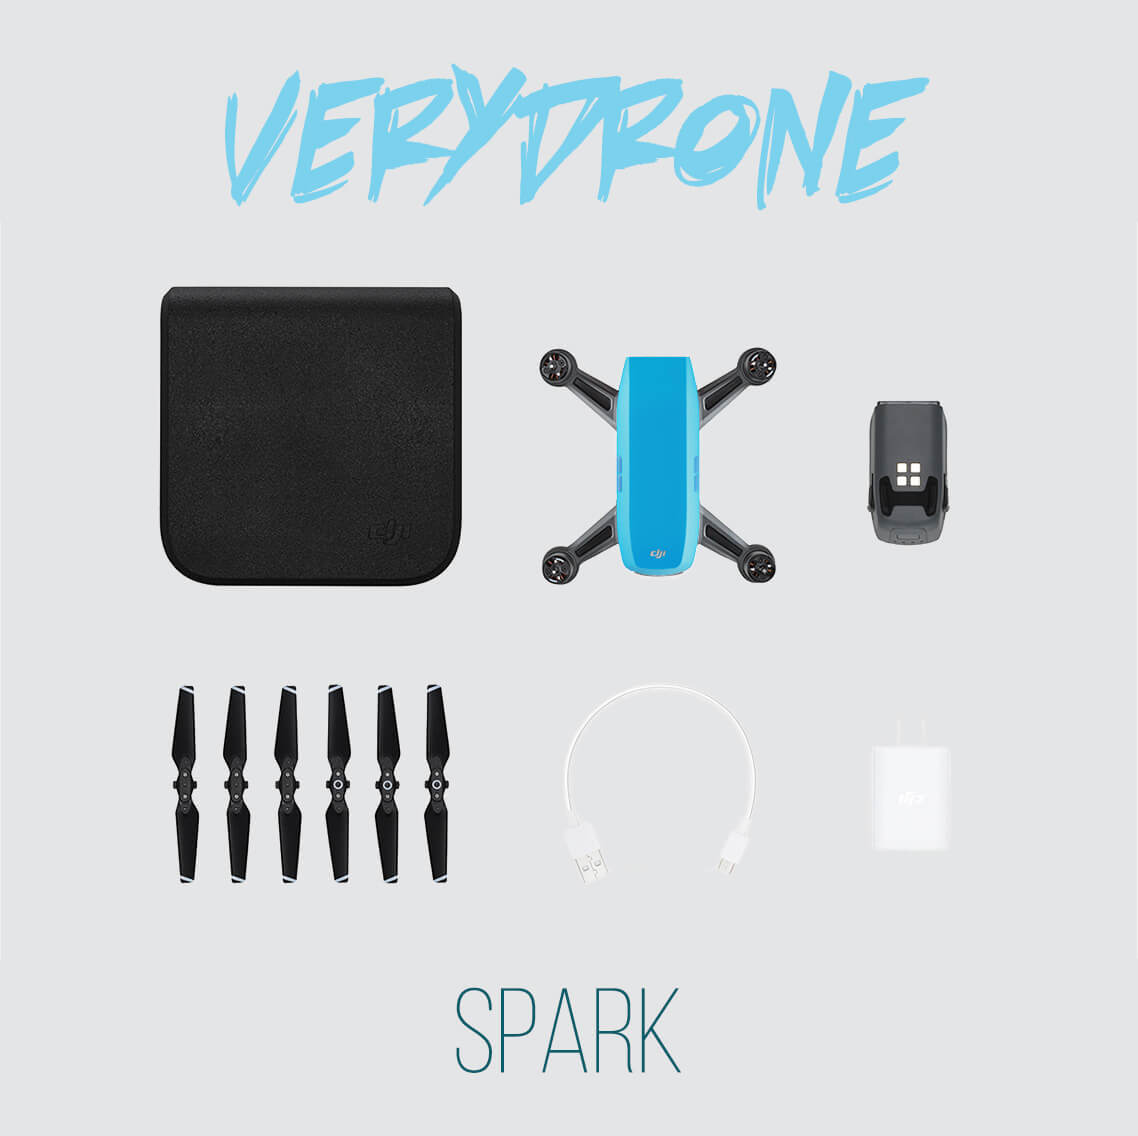 Sky Blue DJI Spark Drone